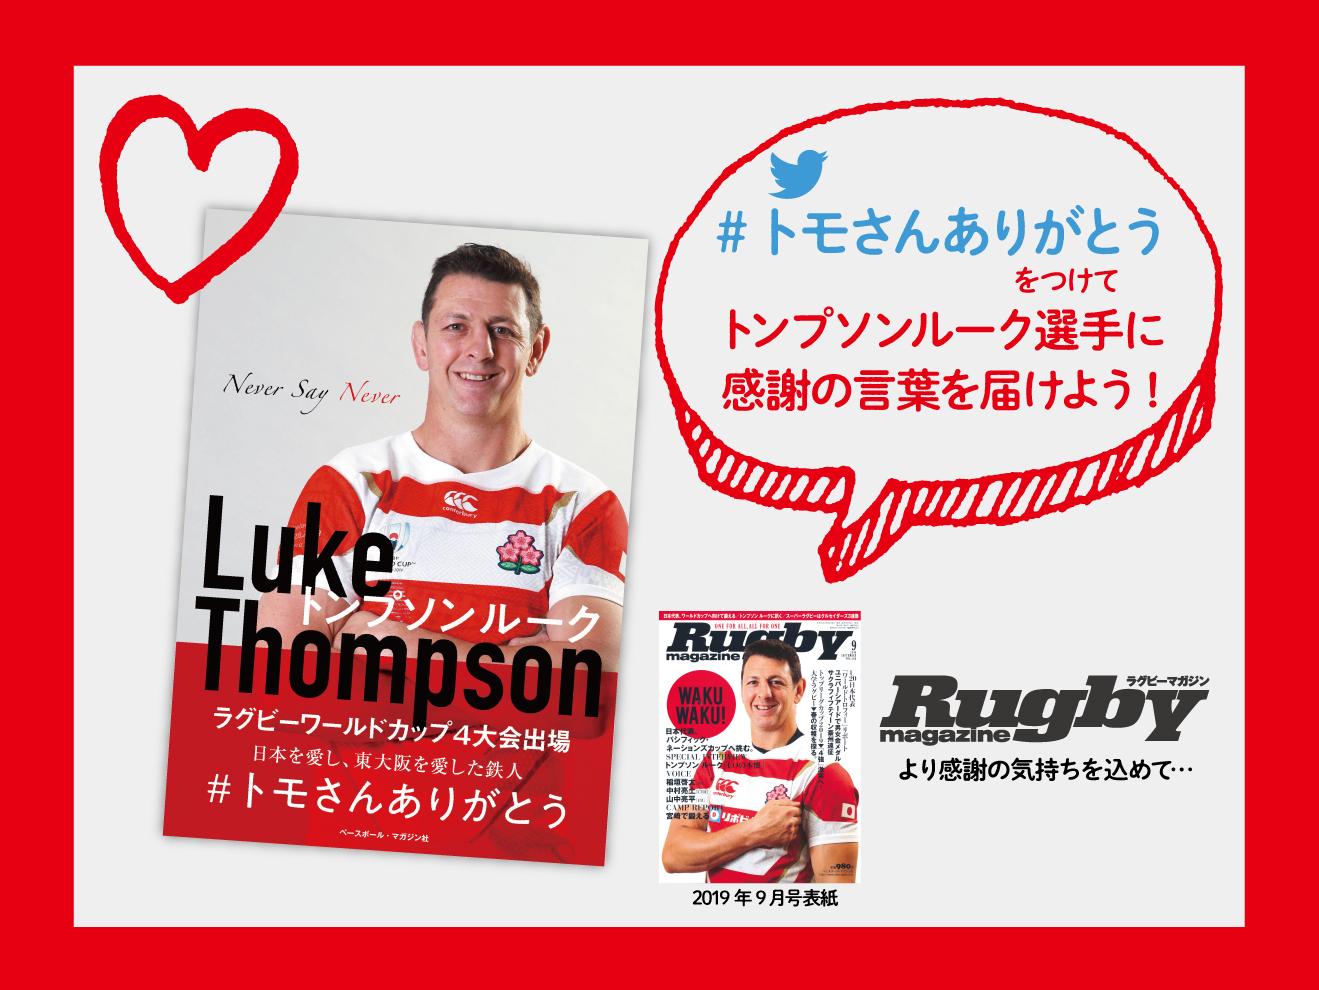 トンプソンルーク選手引退試合(1/19@秩父宮) ハッシュタグ #トモさんありがとう で感謝の気持ちを伝えよう!